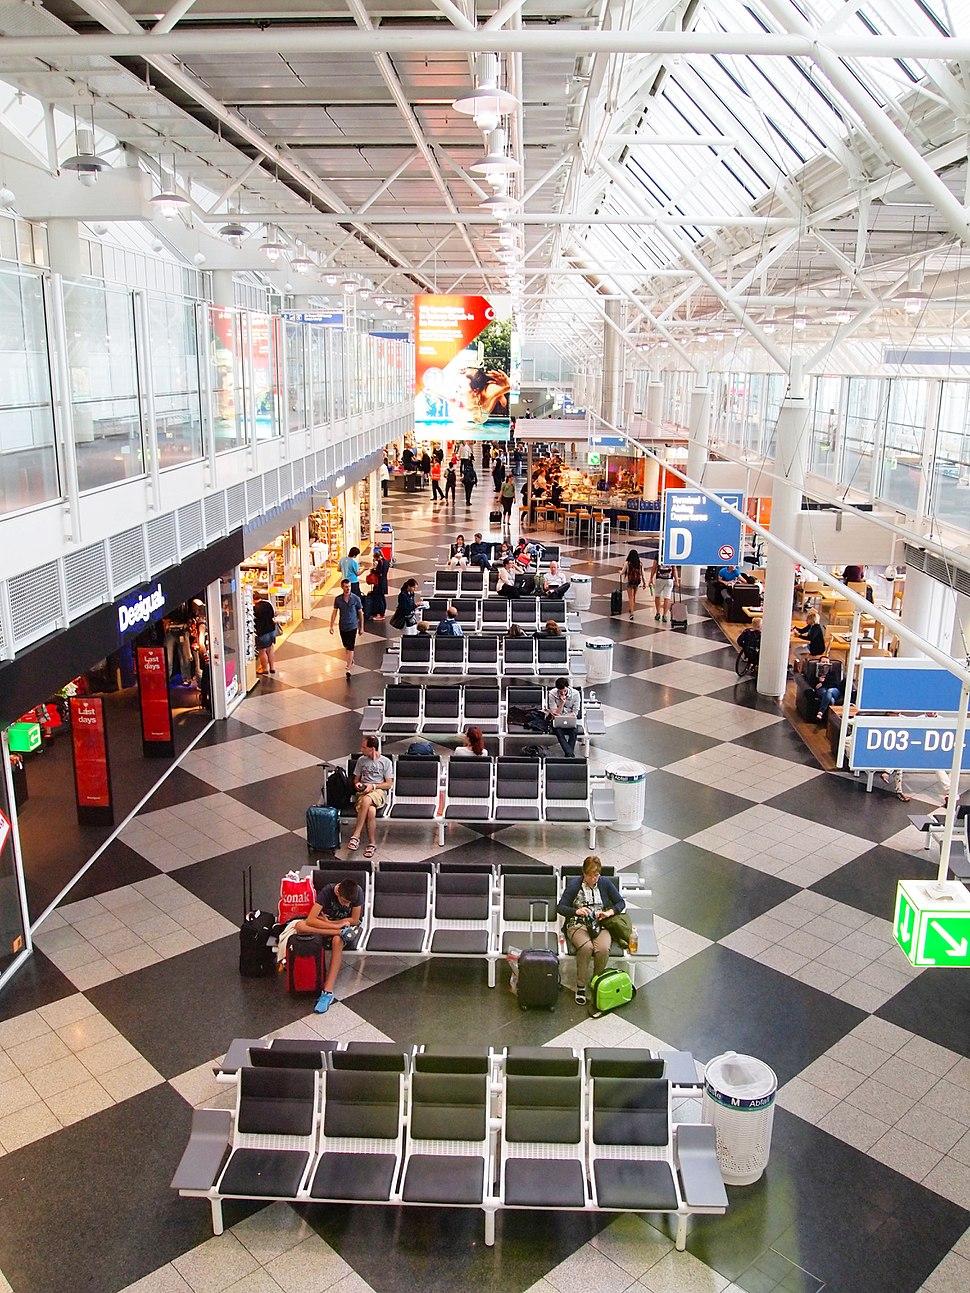 Munich airport 2